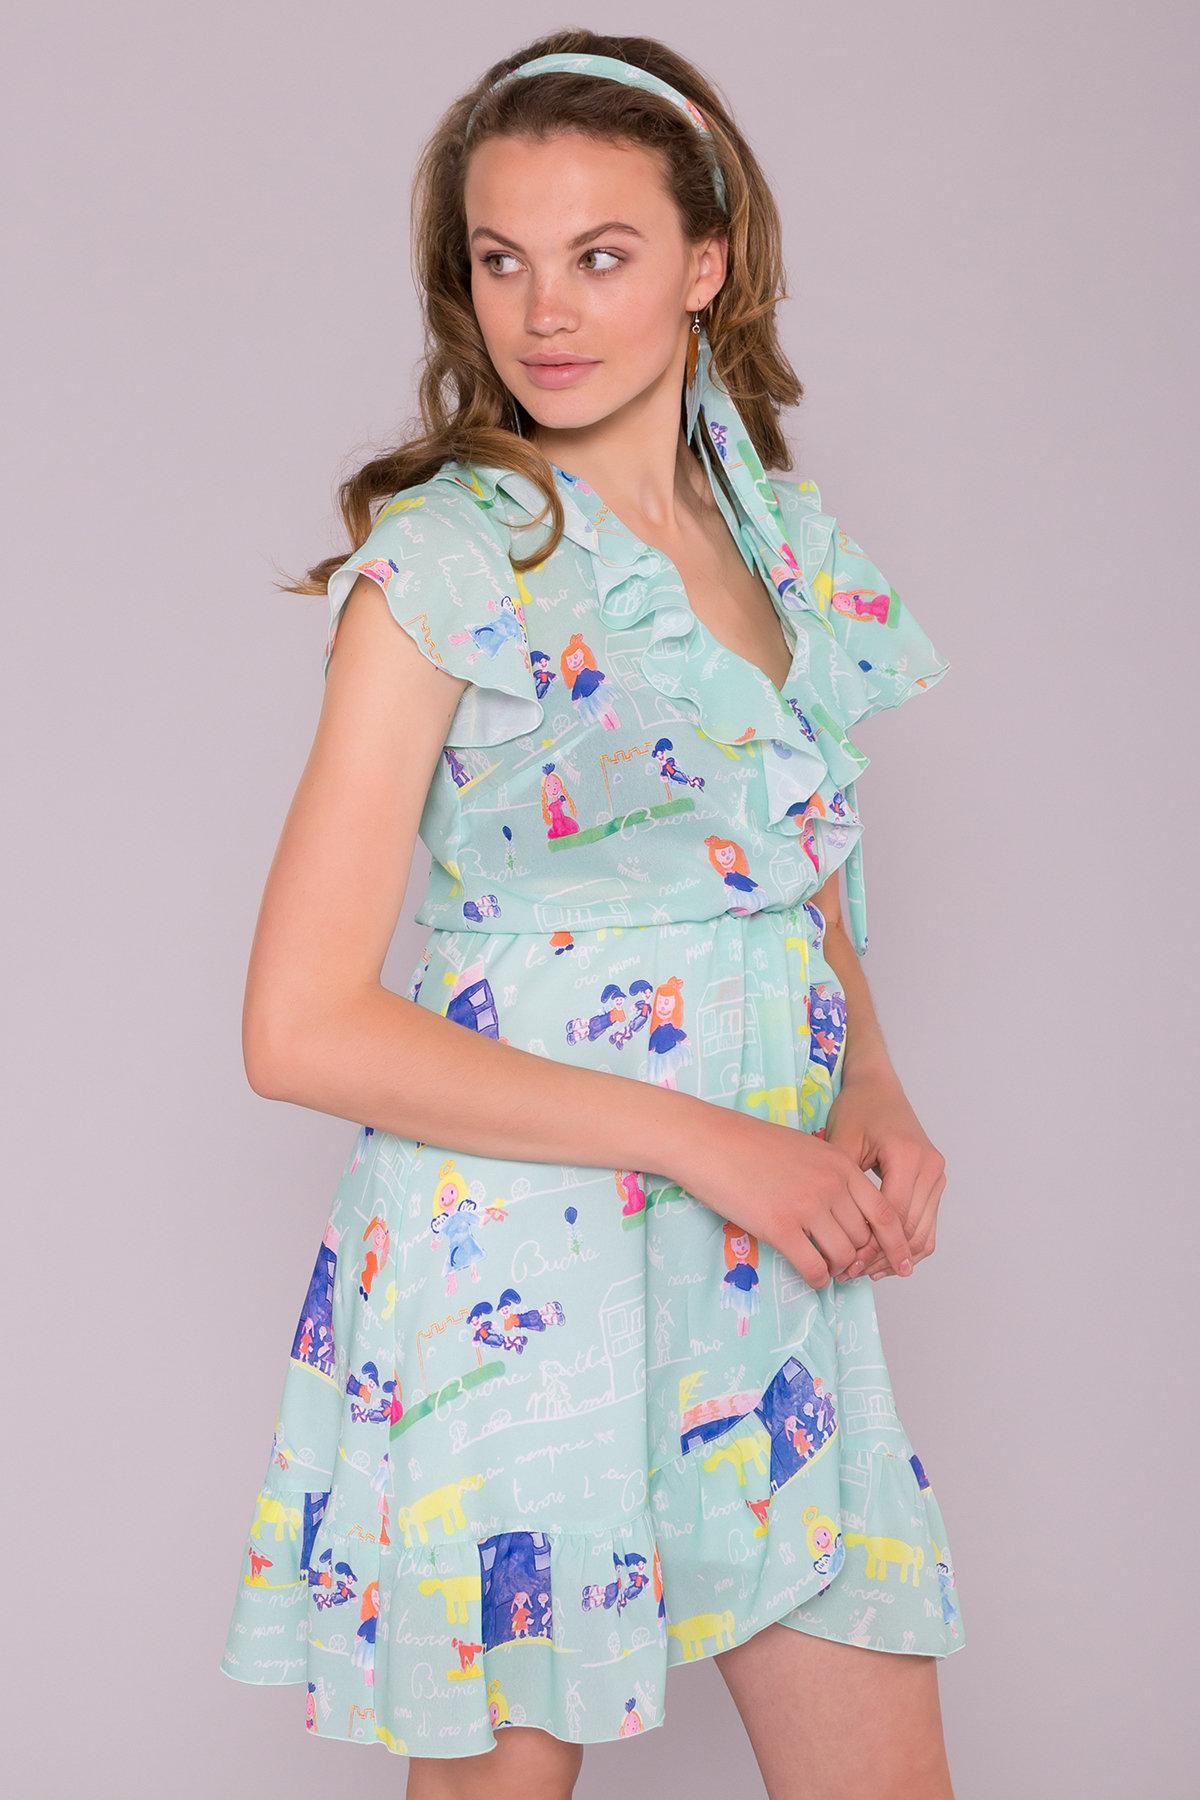 Платье Лигра 7096 АРТ. 42523 Цвет: Мята Детские рисунки 14/2 - фото 4, интернет магазин tm-modus.ru